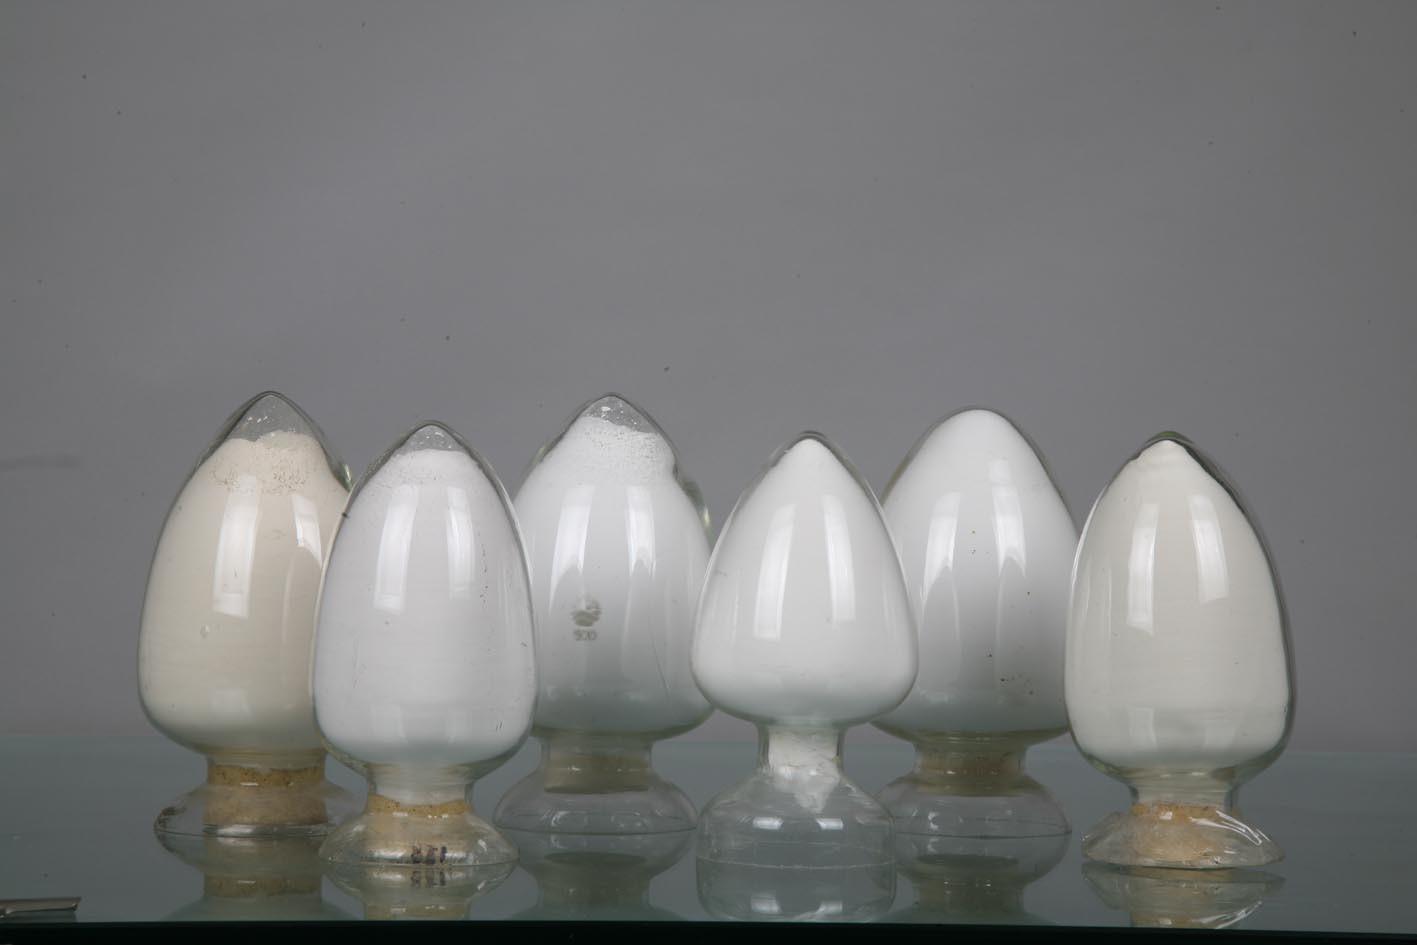 Organoclay Tetraallkyl Ammonium Bentonite for Solvent-Based System